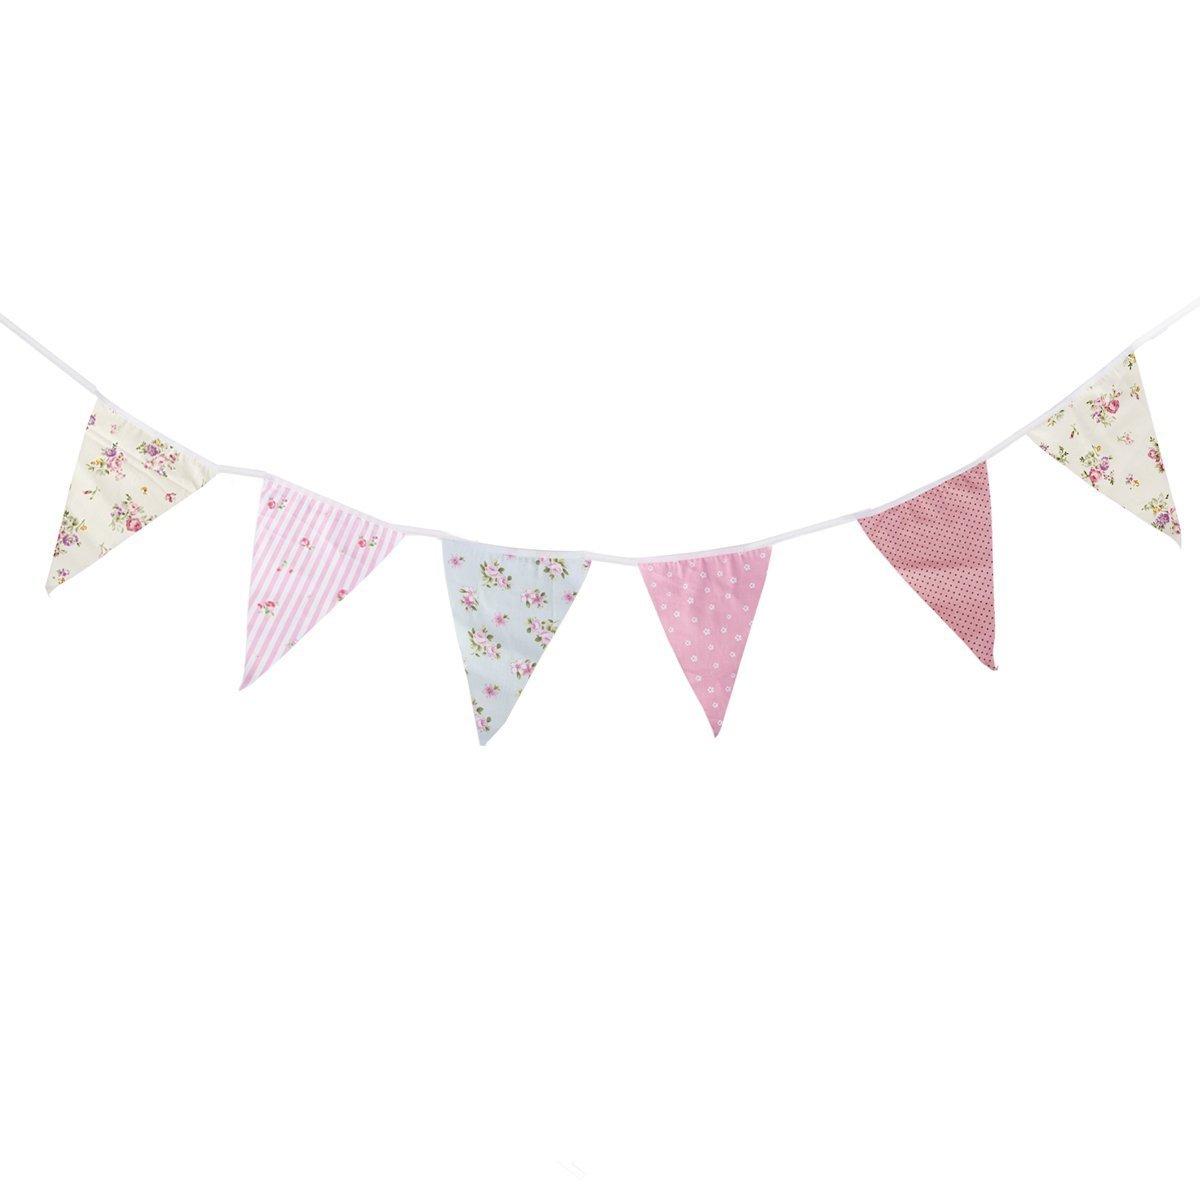 Pixnor 10m festone bandiere decorazione wedding party Decor Baby Shower Decor